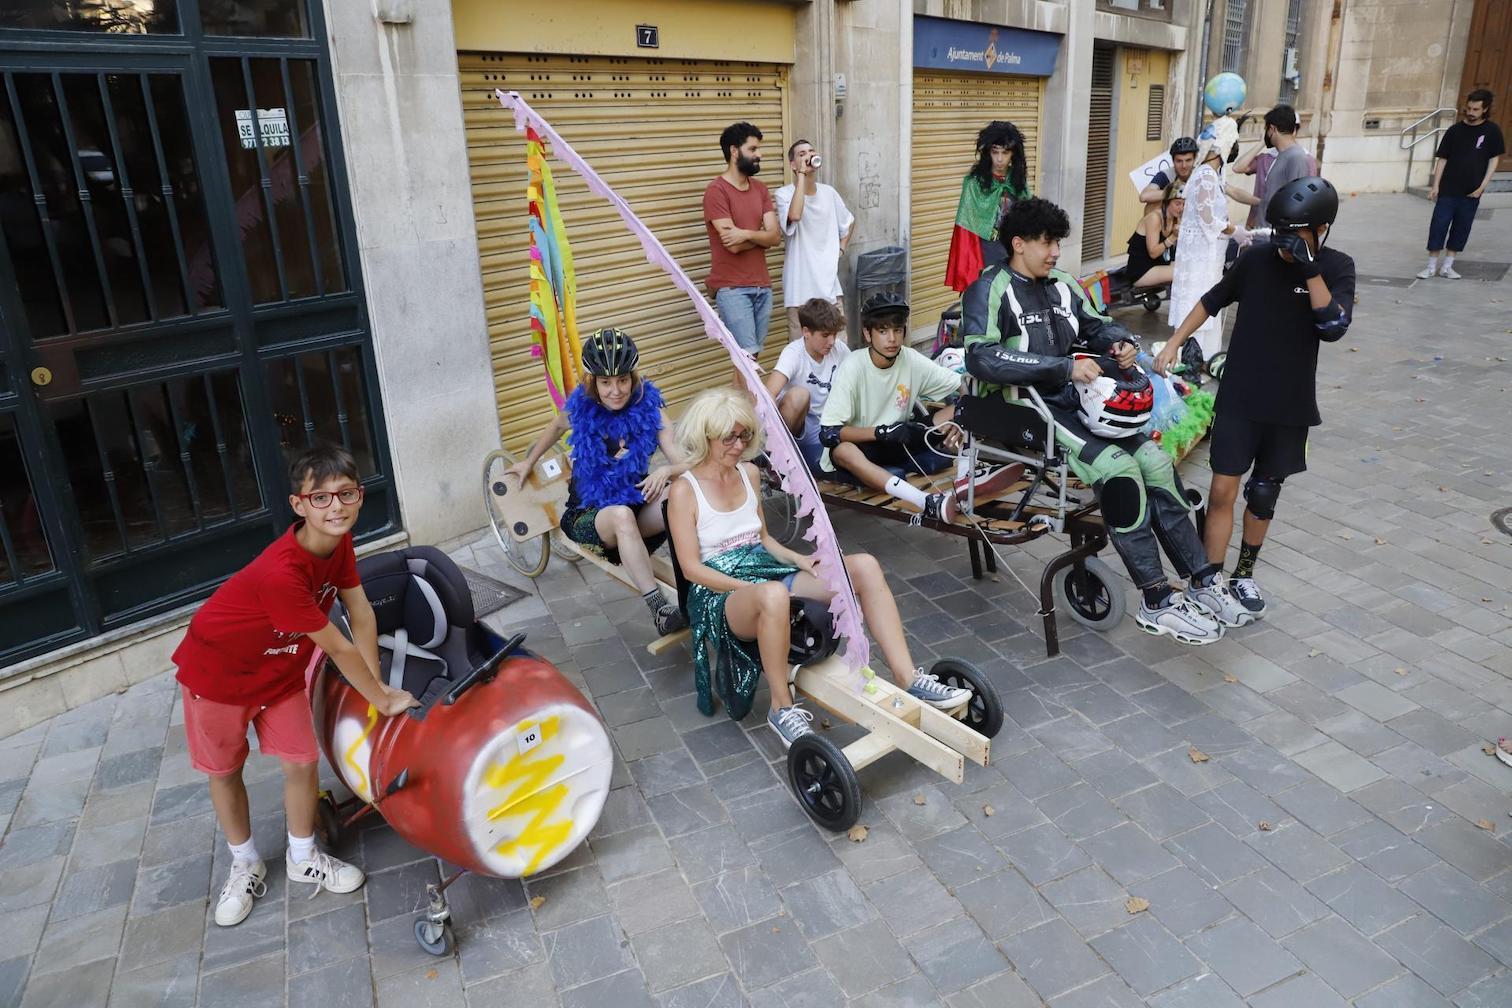 Carretons of Palma Descent competitors.